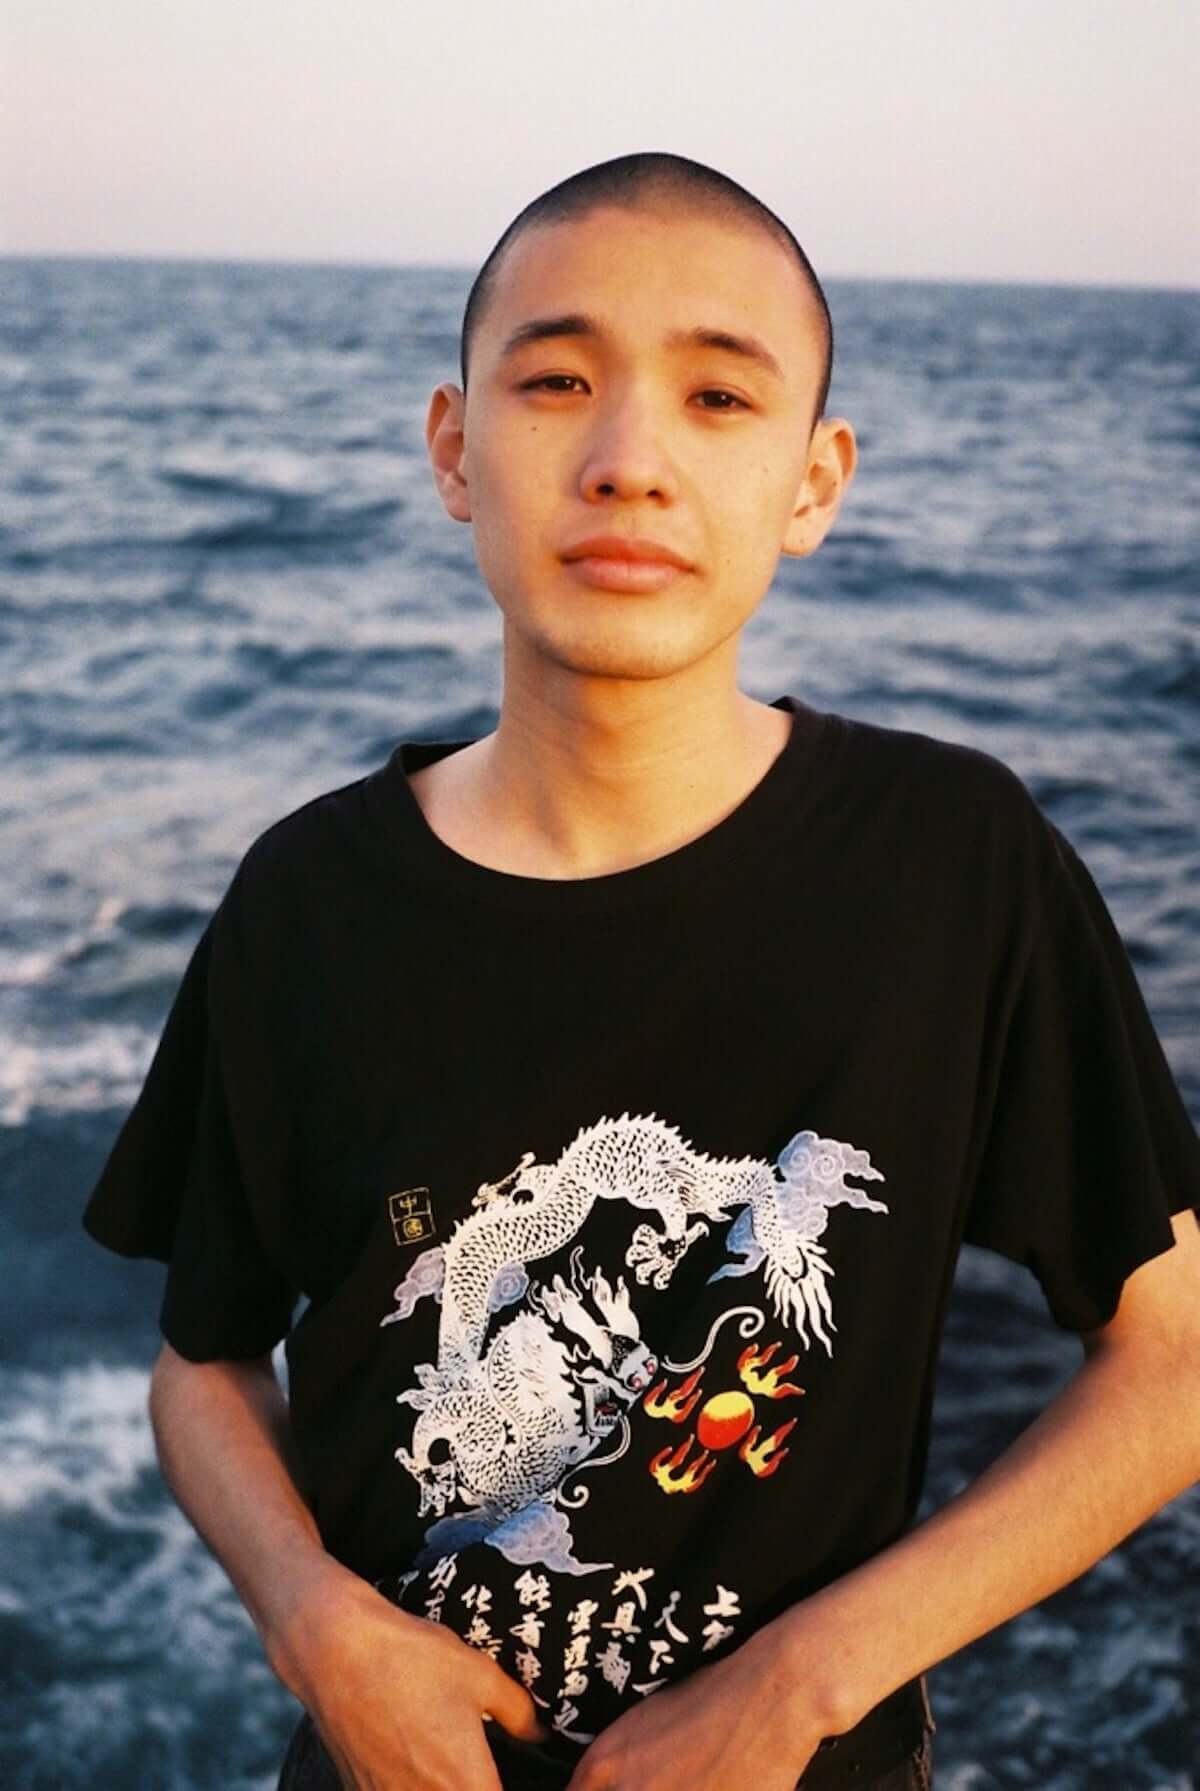 新しい世代を牽引するアーティスト2組が共演|折坂悠太とKID FRESINOがWWWXに登場 music190319_wwwx_3-1200x1791